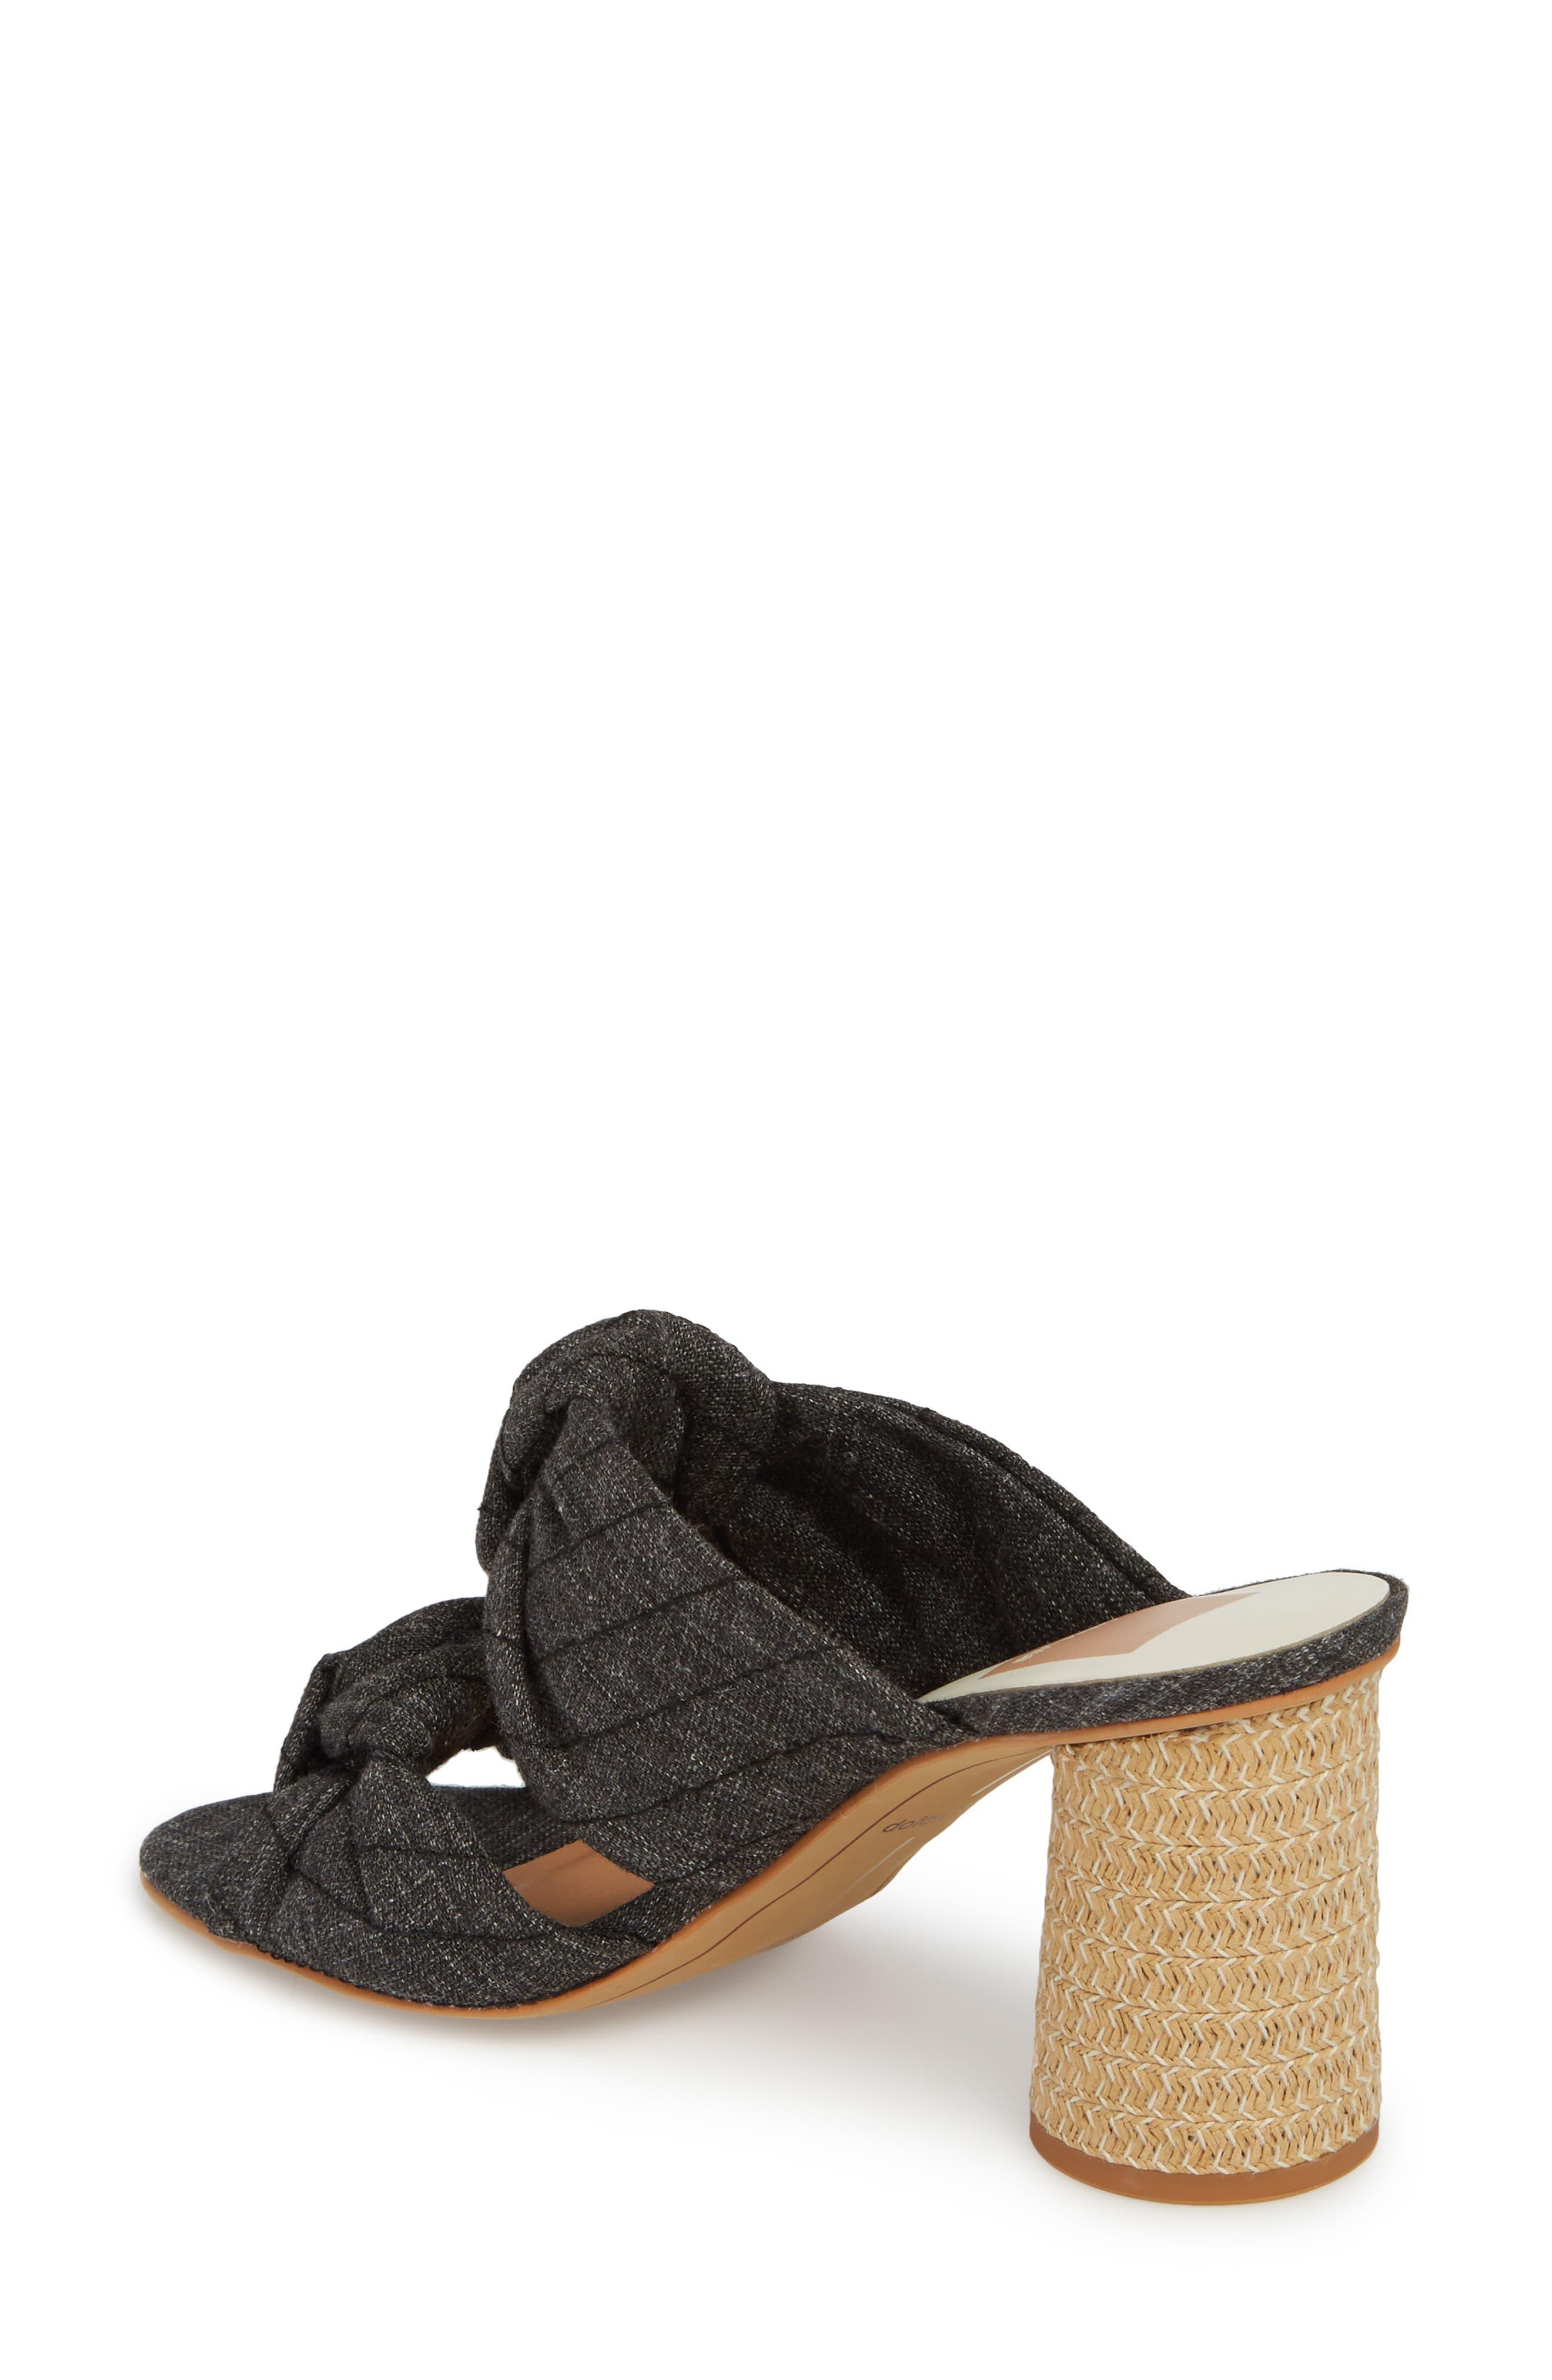 Jene Double Knot Sandal,                             Alternate thumbnail 3, color,